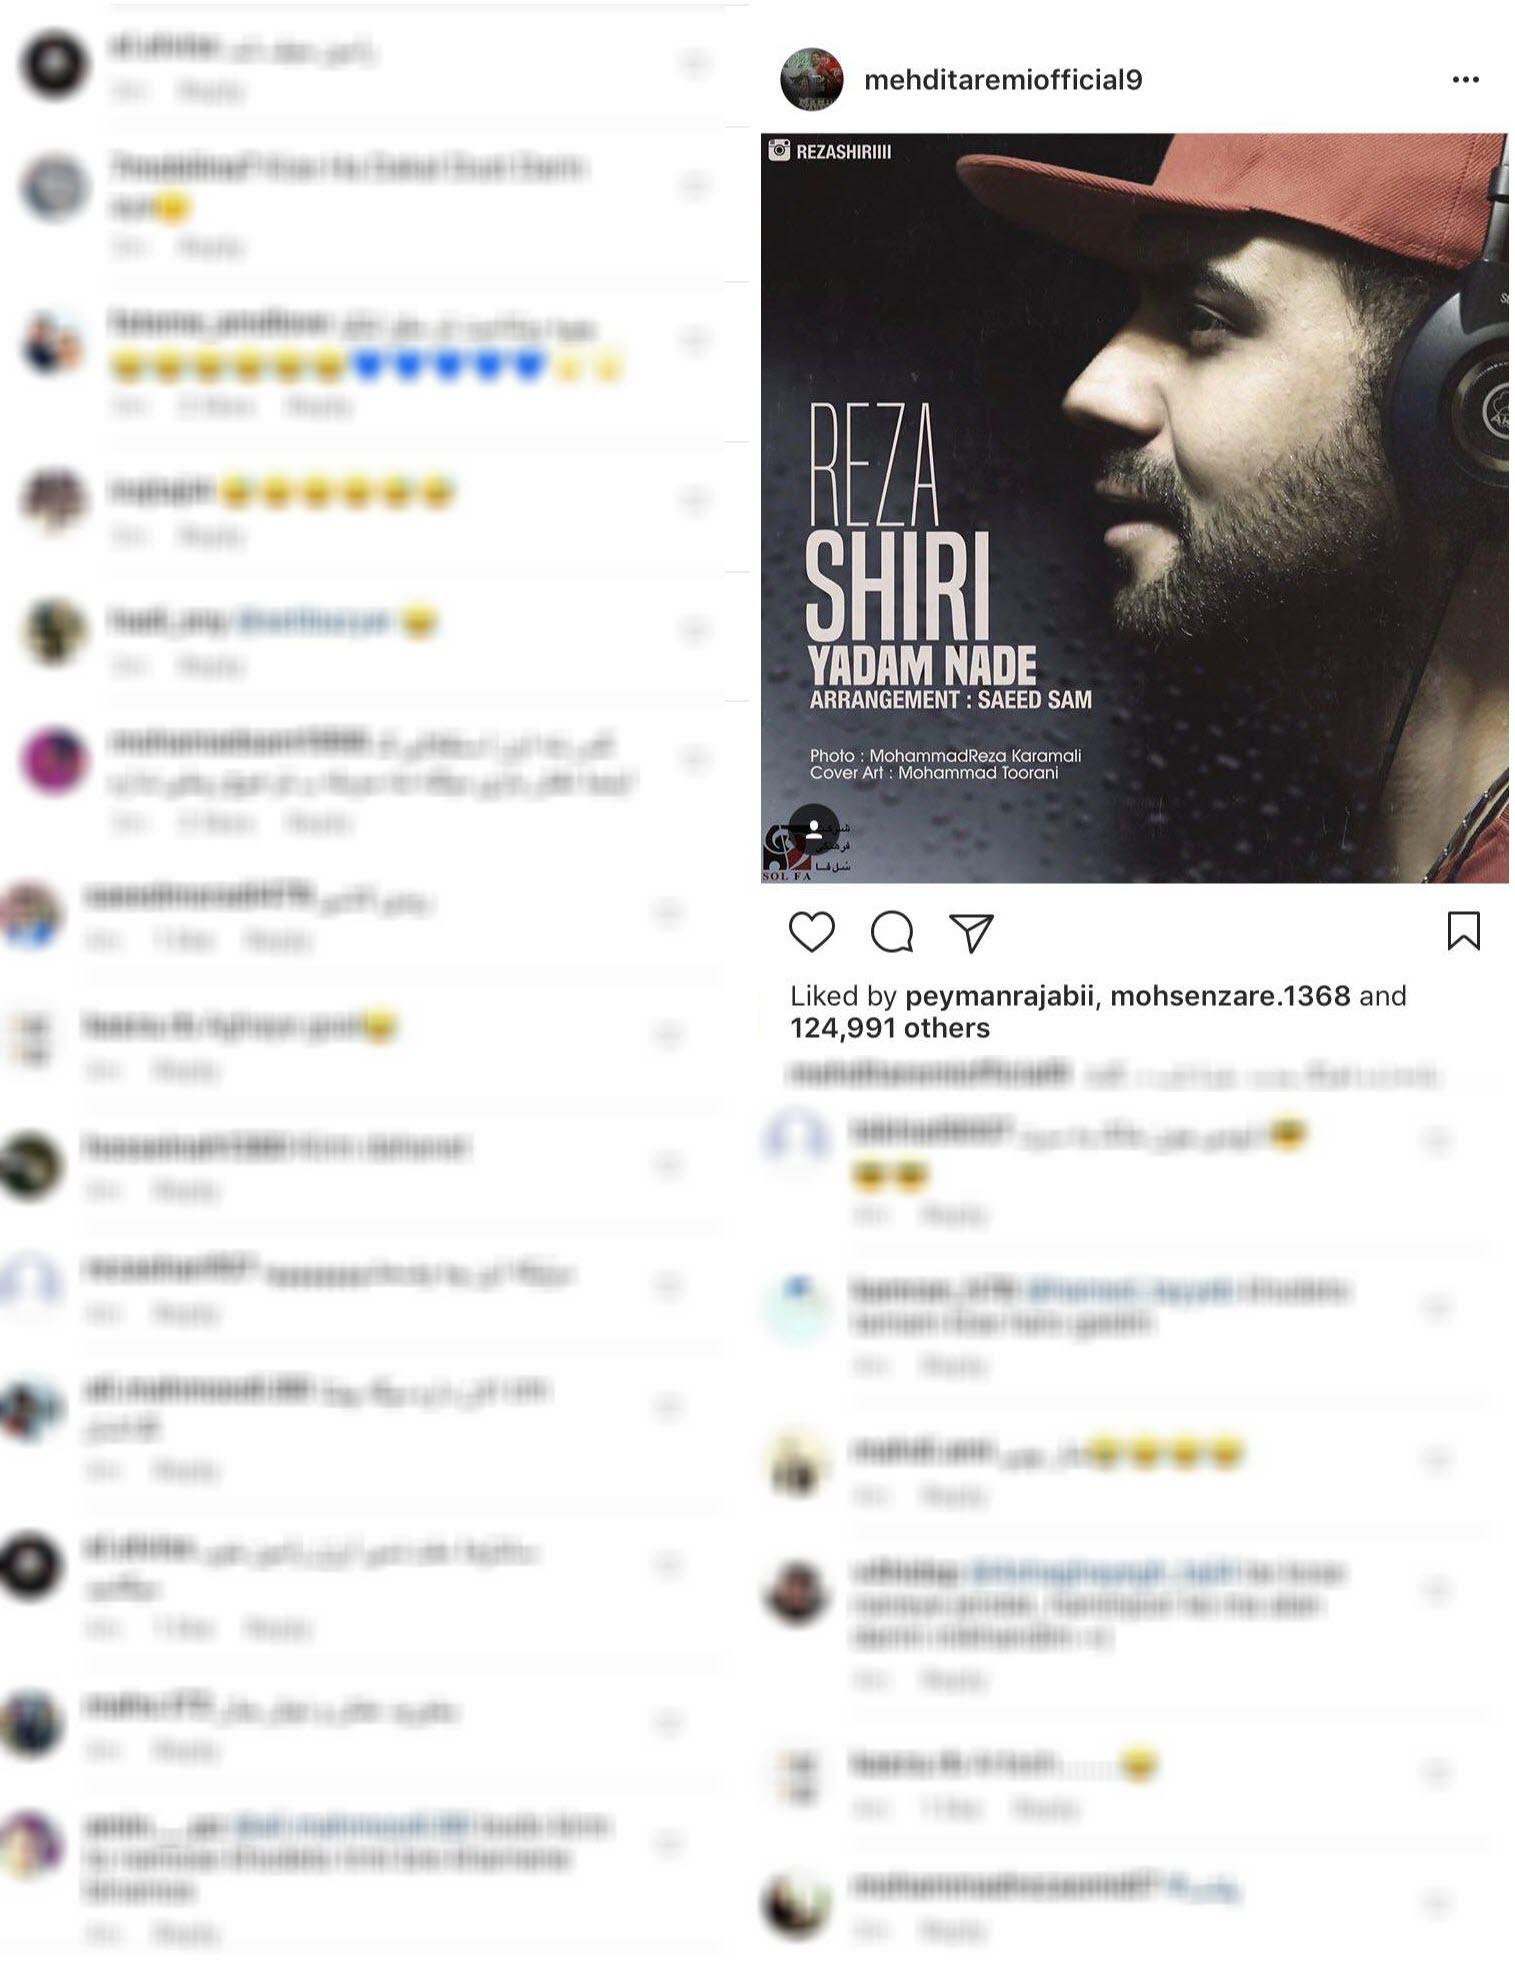 حمله کاربران به صفحه مجازی مهدی طارمی